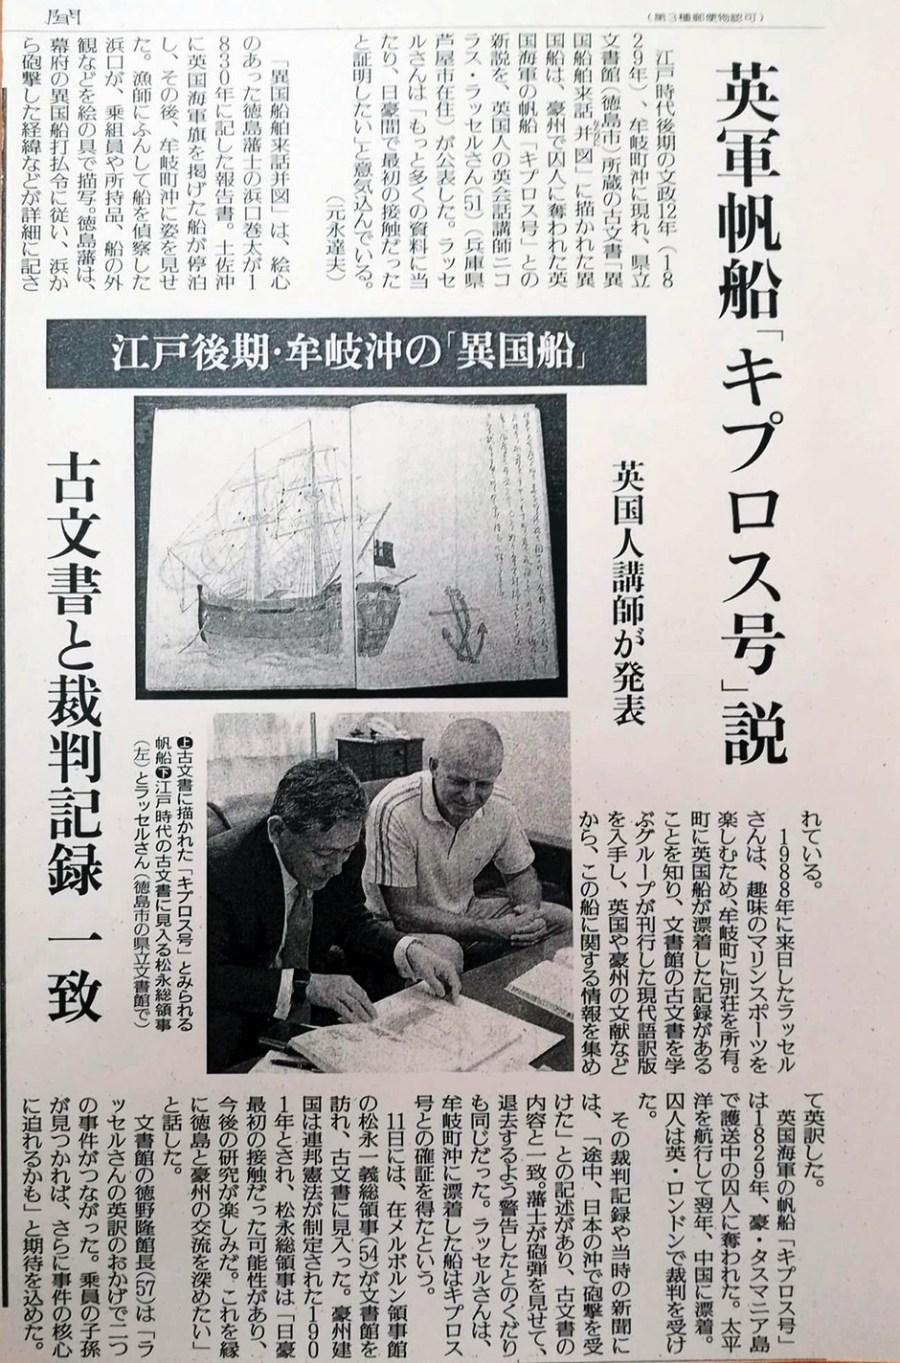 夙川英会話プリヴェールのニック先生「キプロス号」についての新説公表